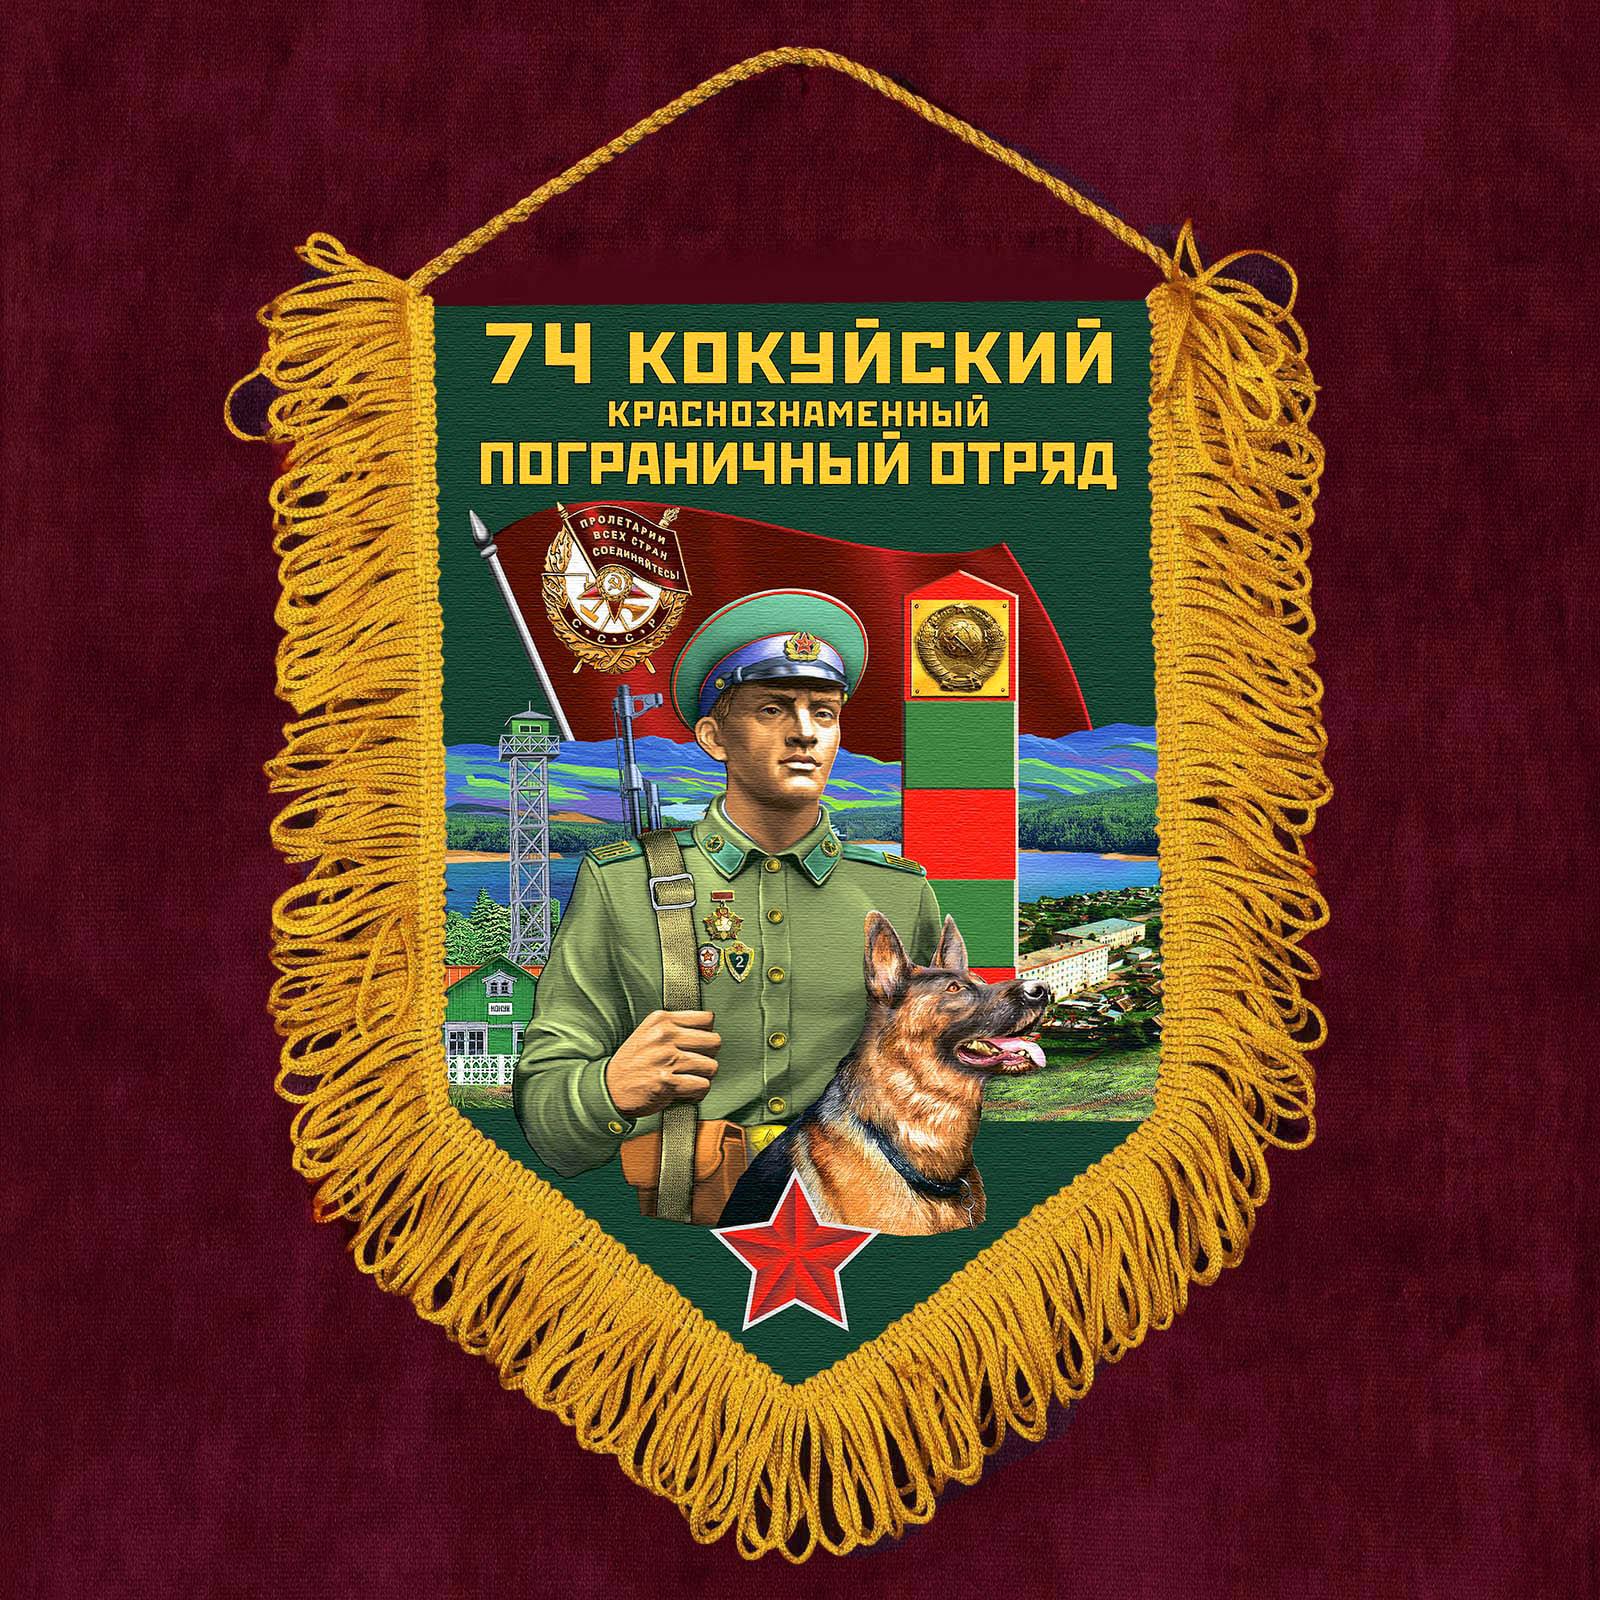 """Сувенирный вымпел """"74 Кокуйский пограничный отряд"""""""